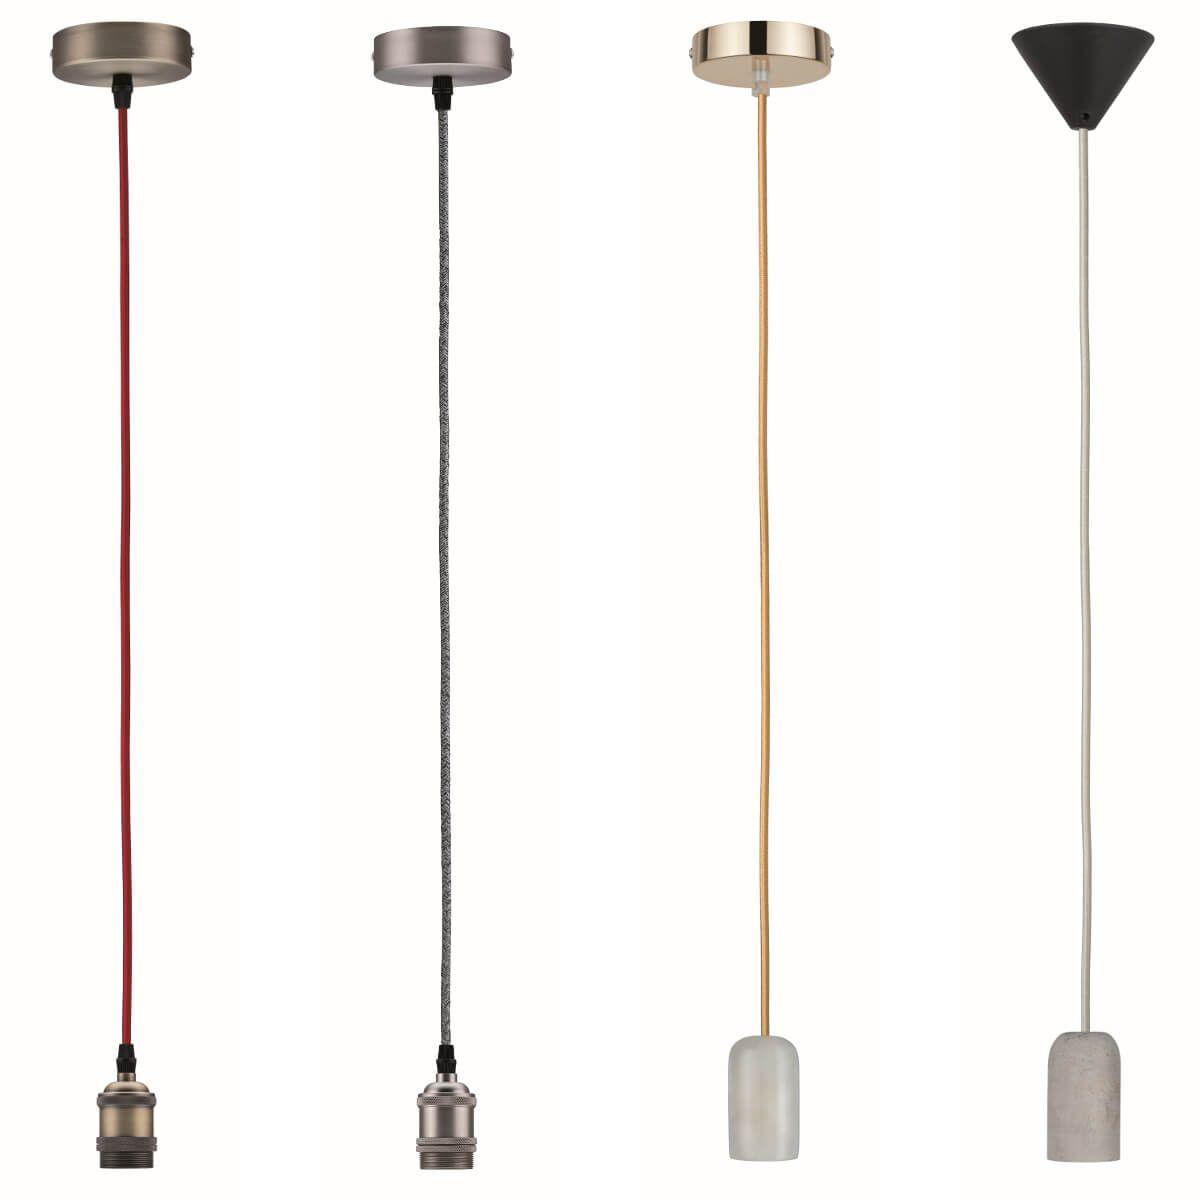 Paulmann Vintage Pendel Mit E27 Fassung Hangeleuchte Mit Farbigem Kabel Gluhbirne Retro Lampe Beton Lichtinstallation